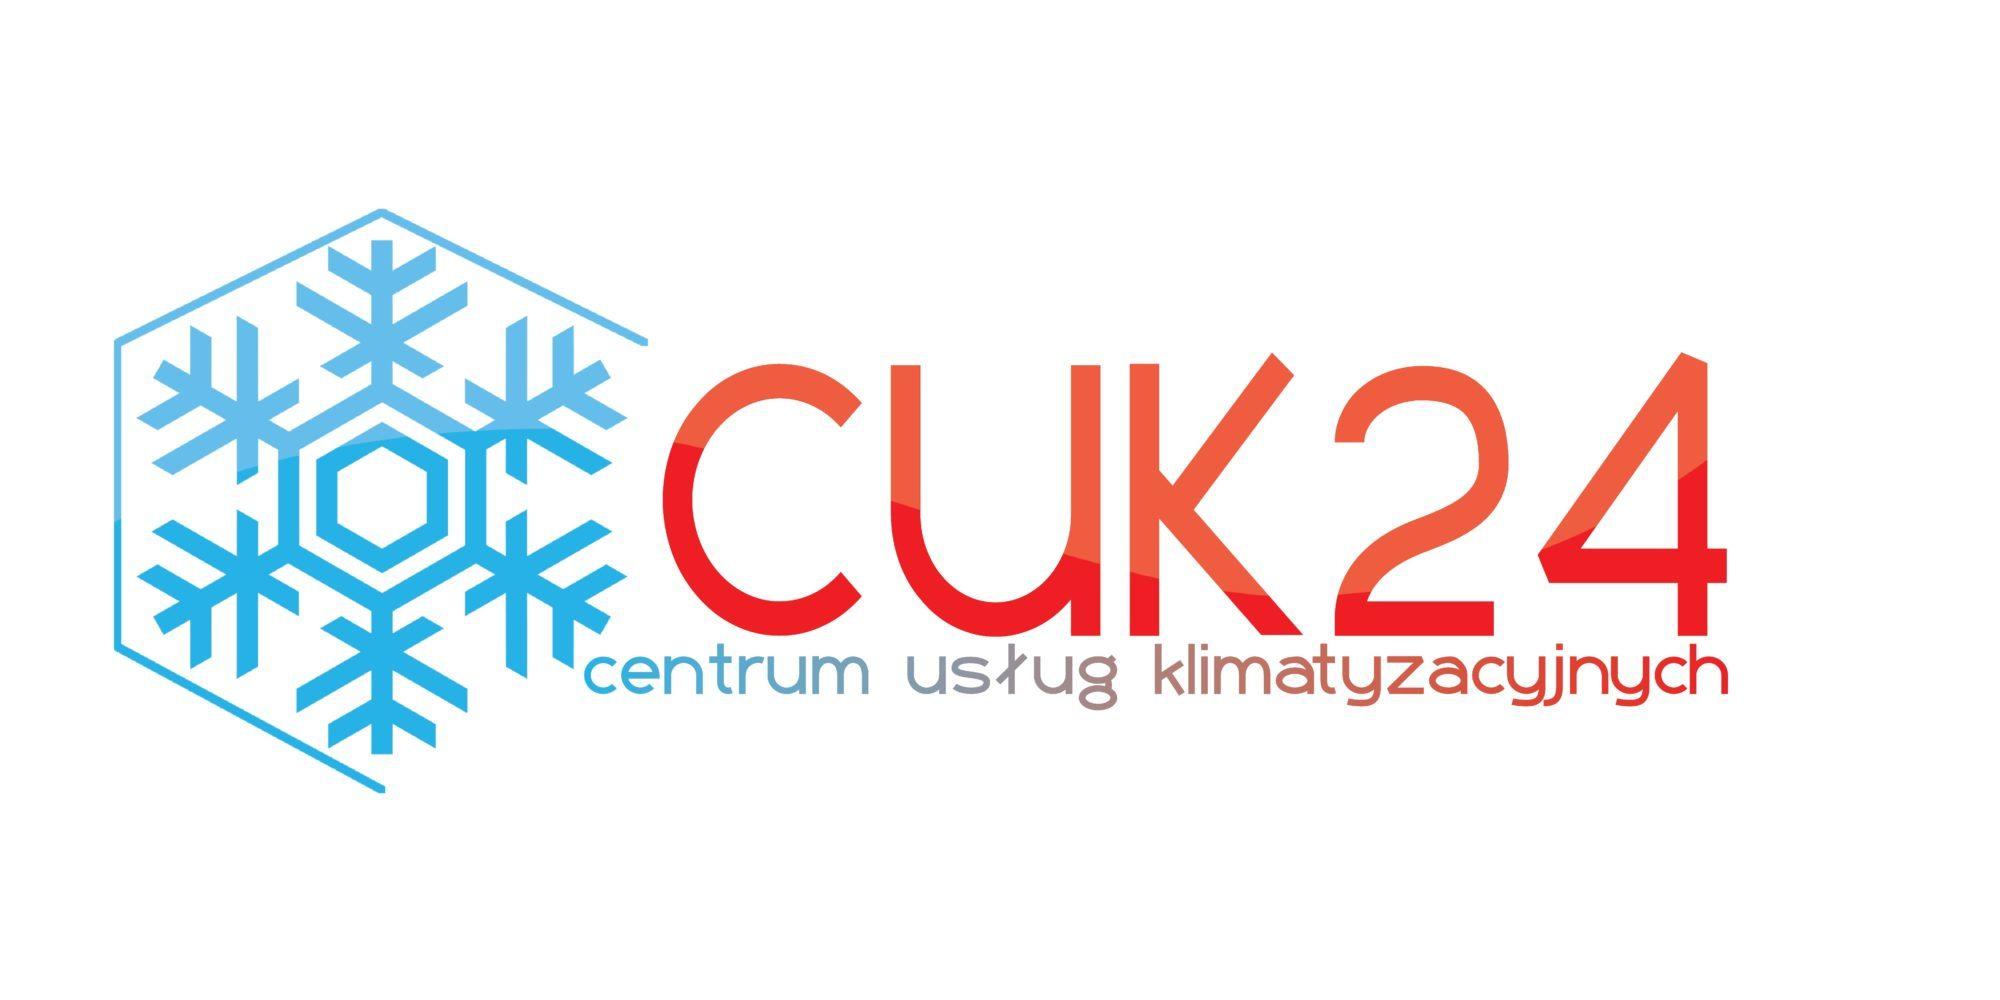 cuk24